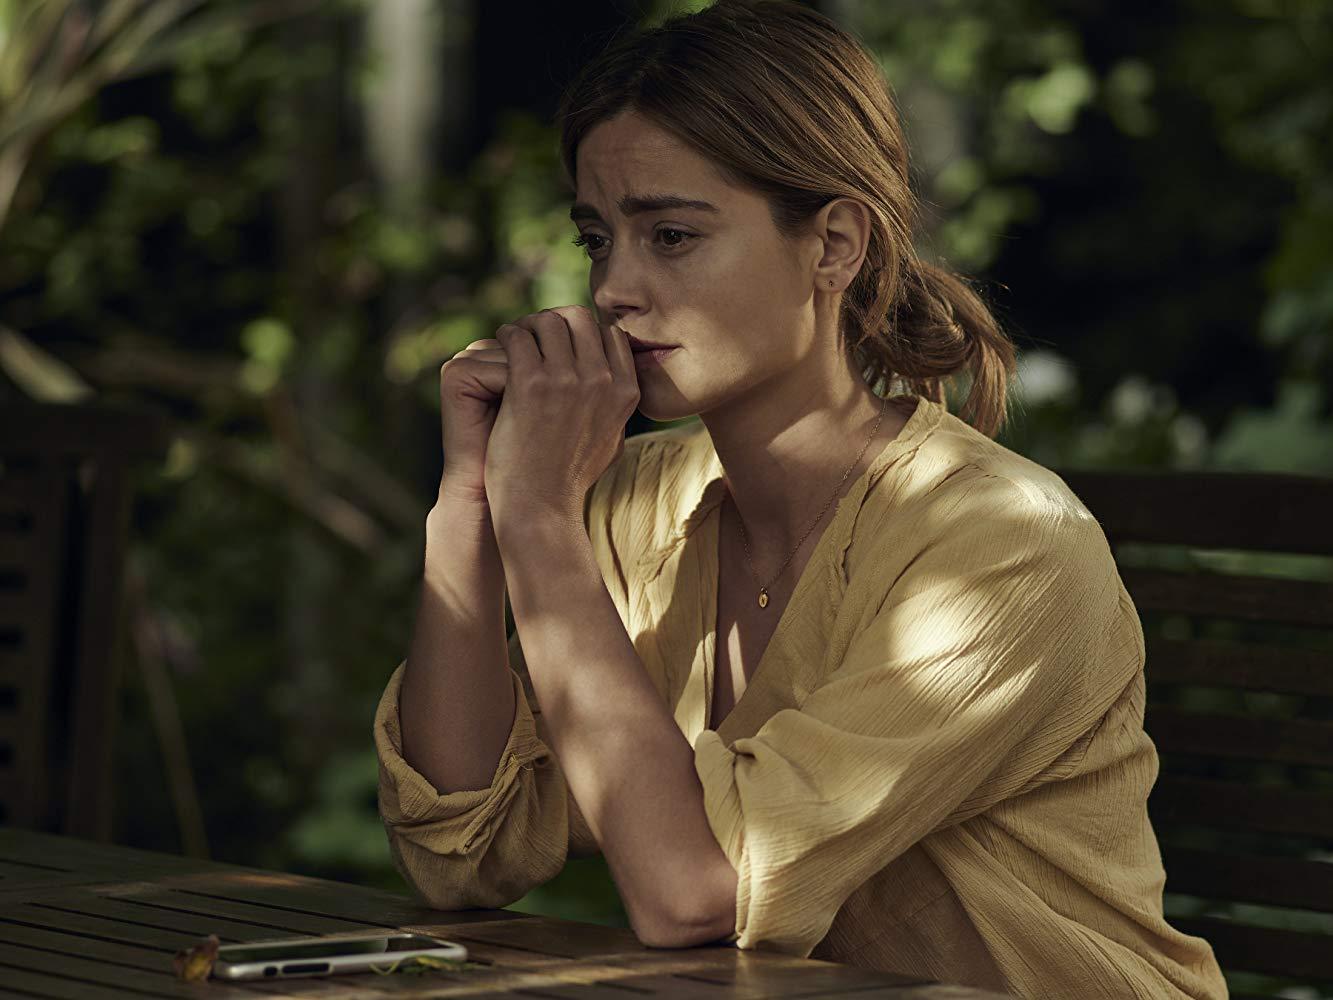 Coleman se tiñó su cabello color rubio para interpretar el rol de Joana.